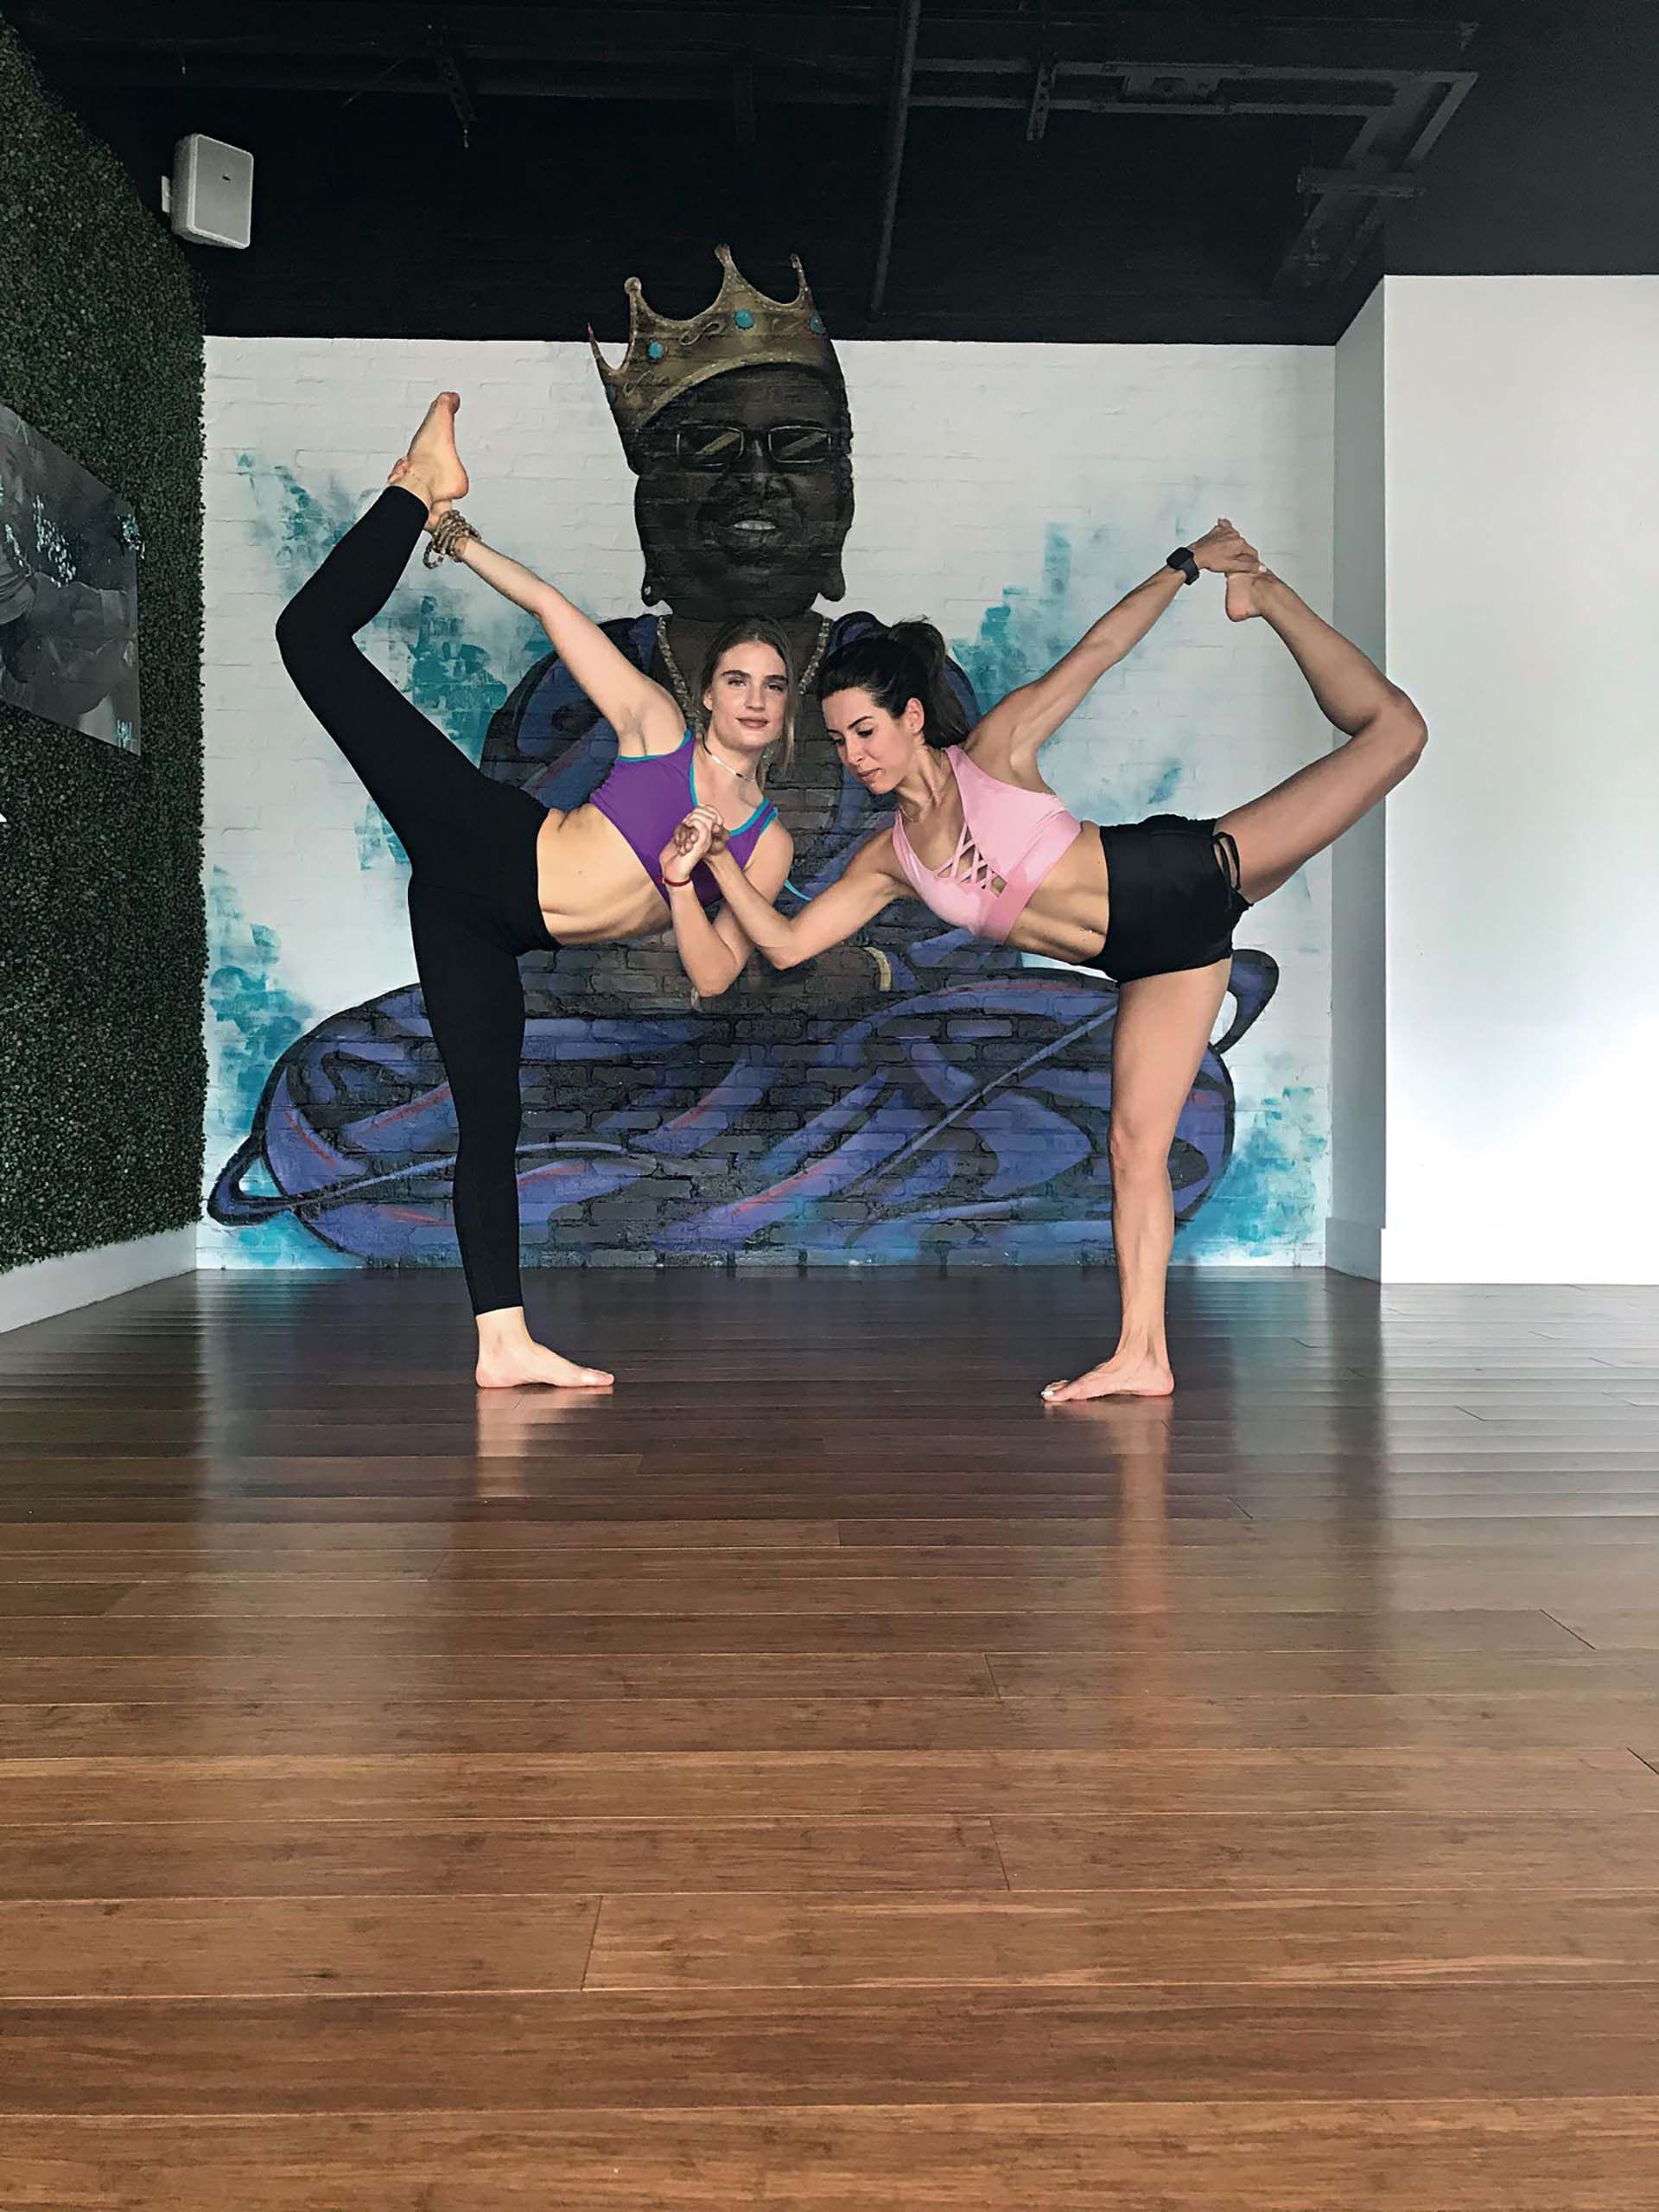 Maham, hot yoga. Miami ofrece las mil y unas opciones fitness.